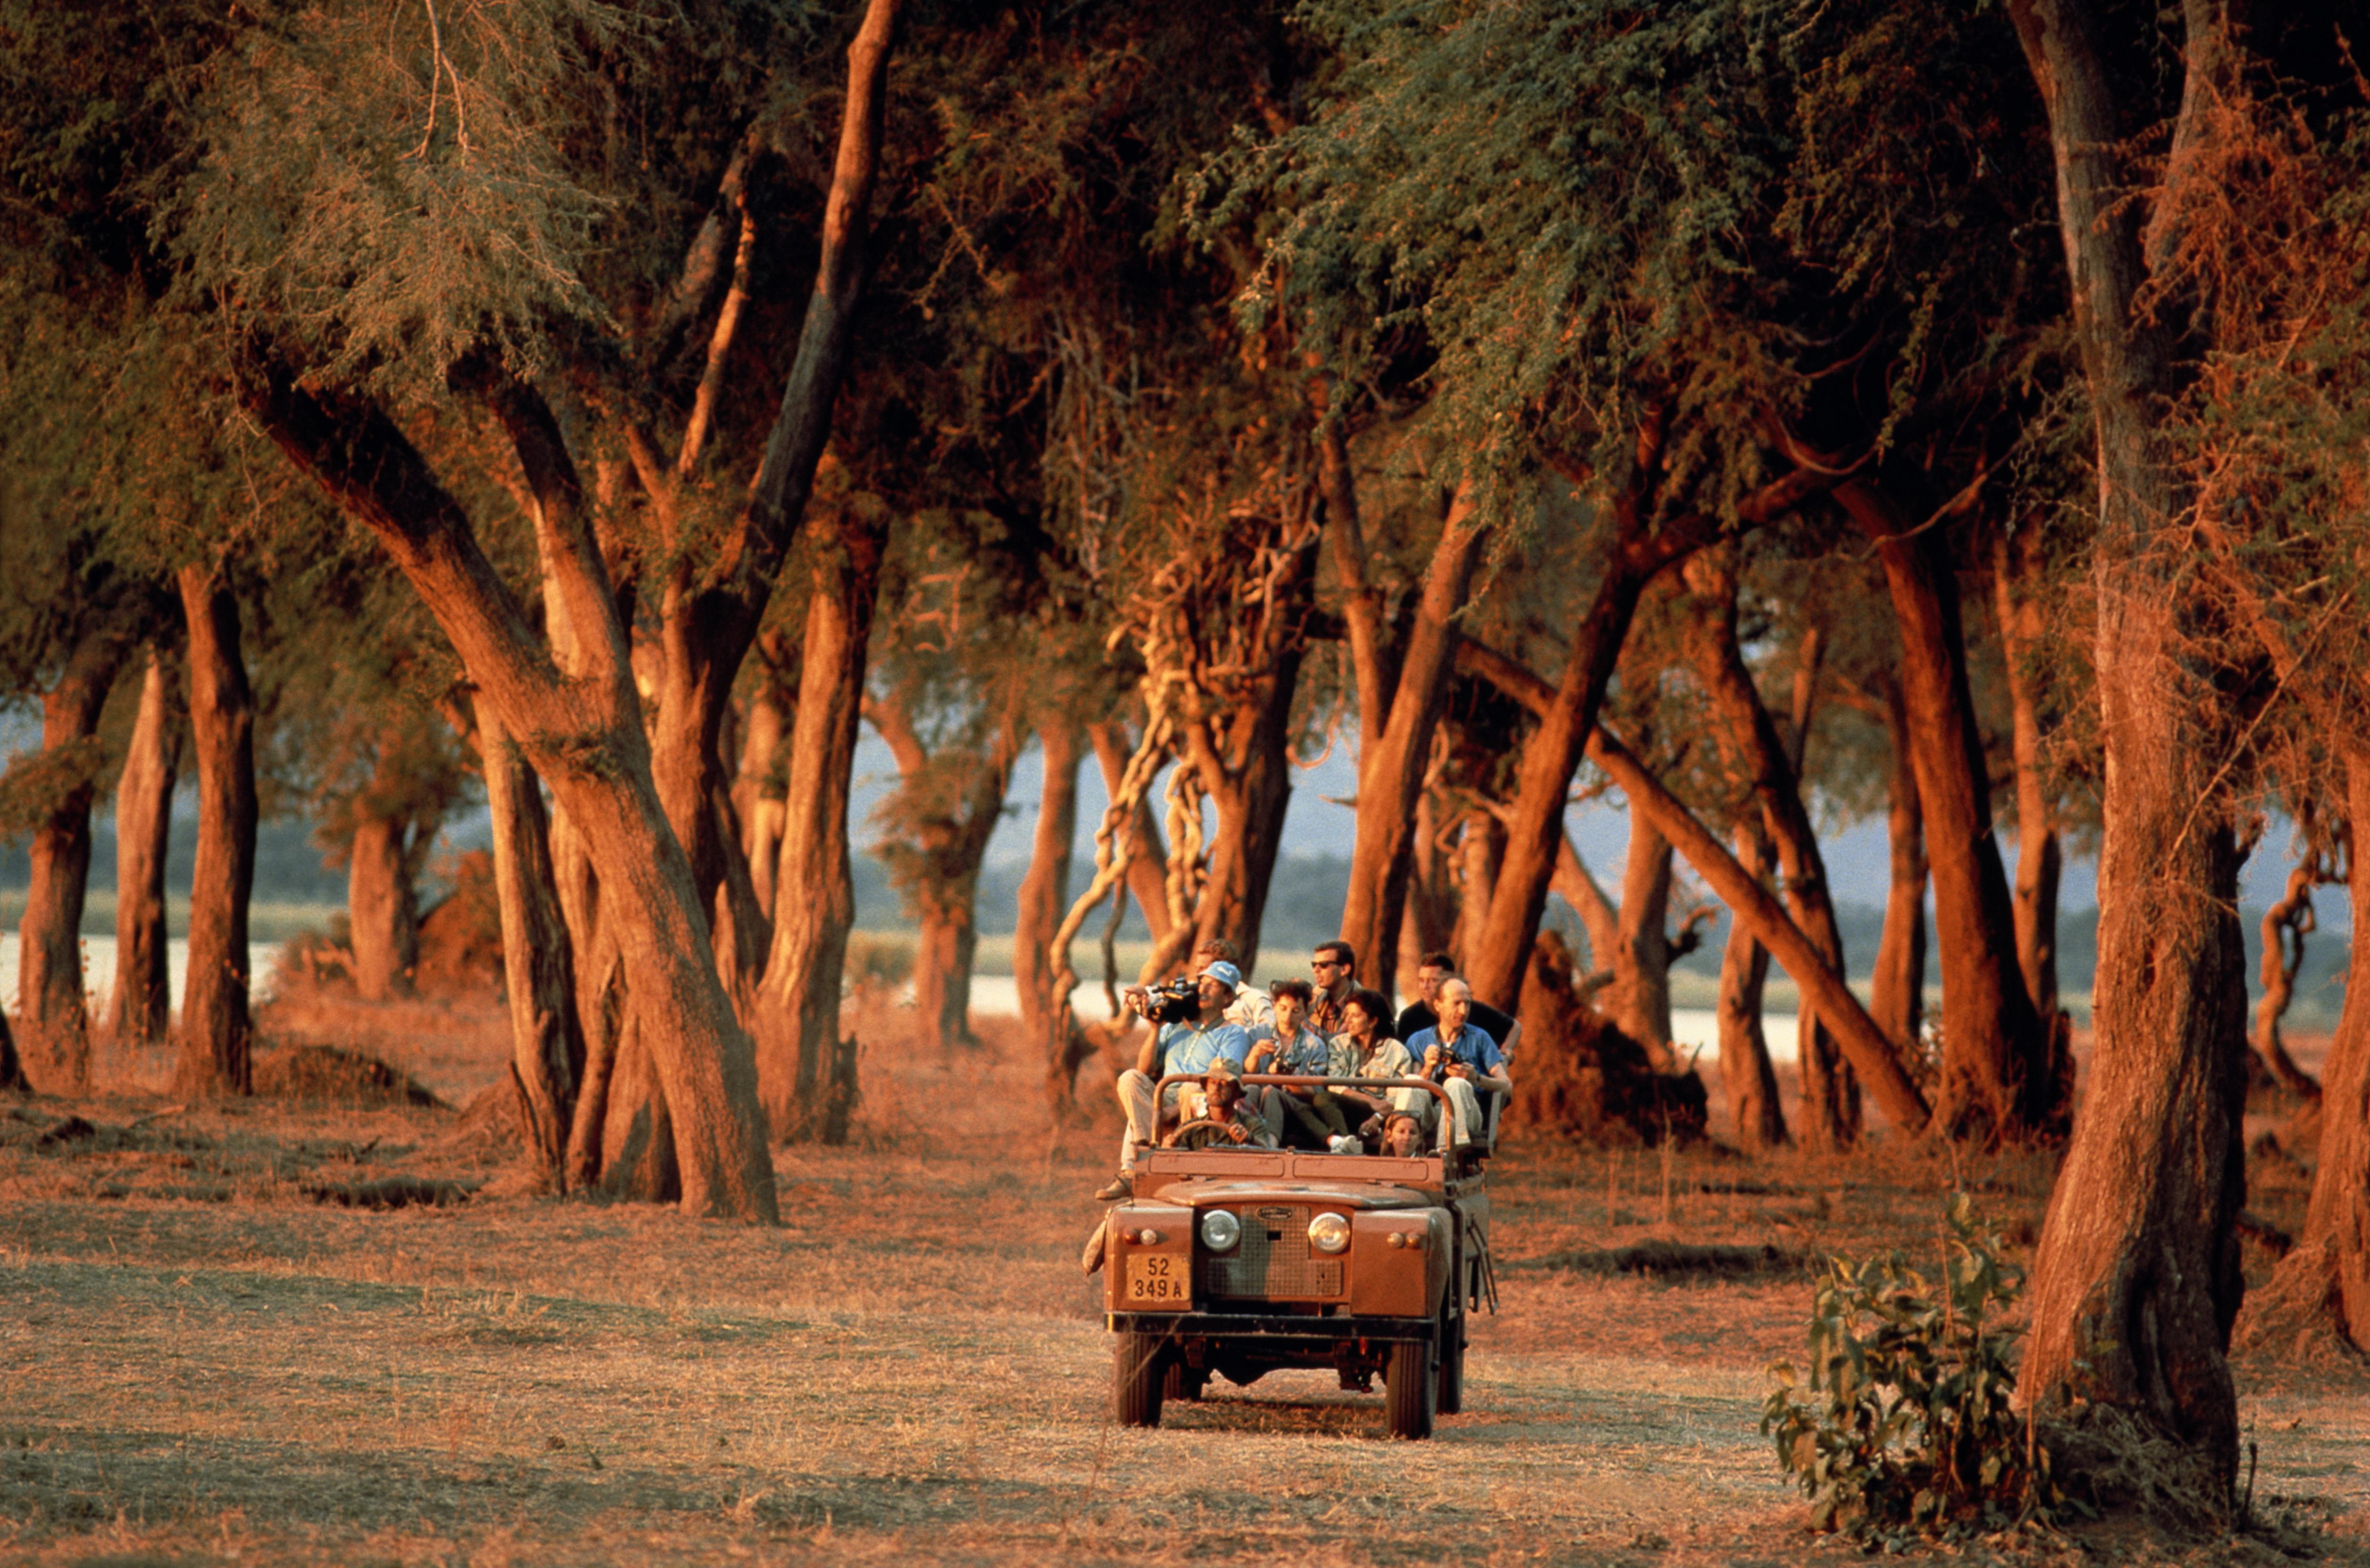 Zimbabwe, Zambezi flood plains, tourists in safari vehicle